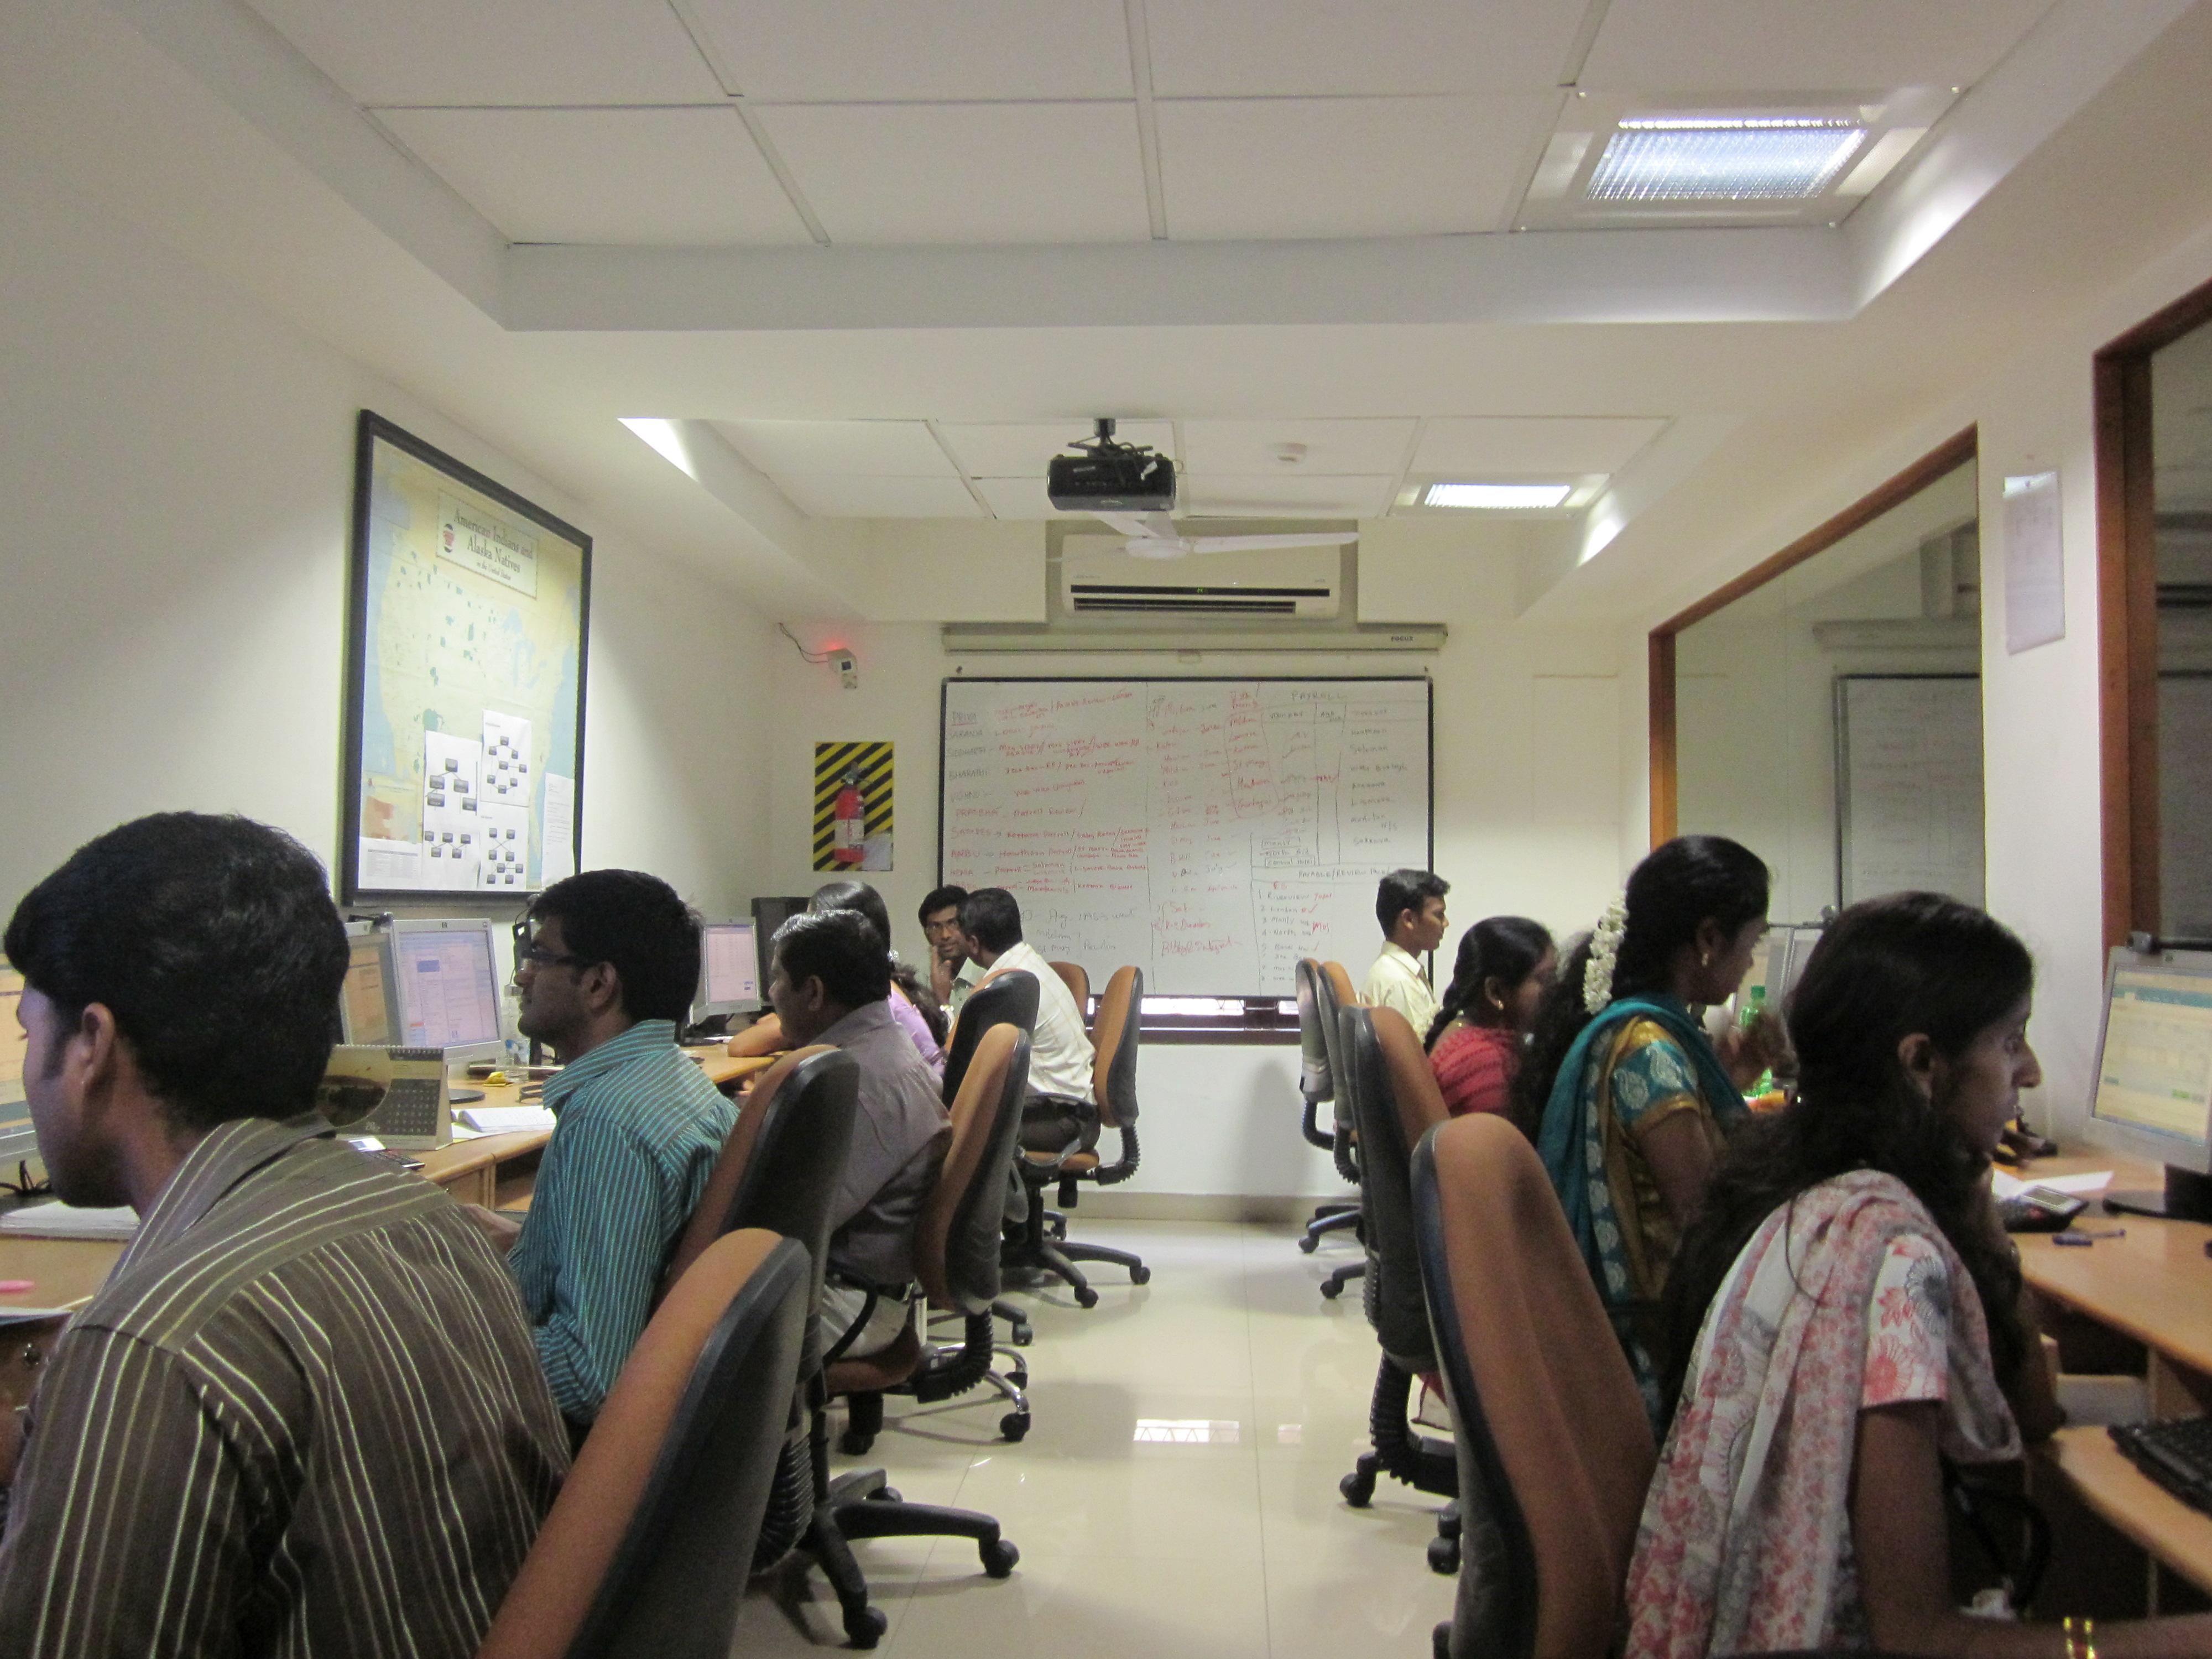 Inside the Vitae office